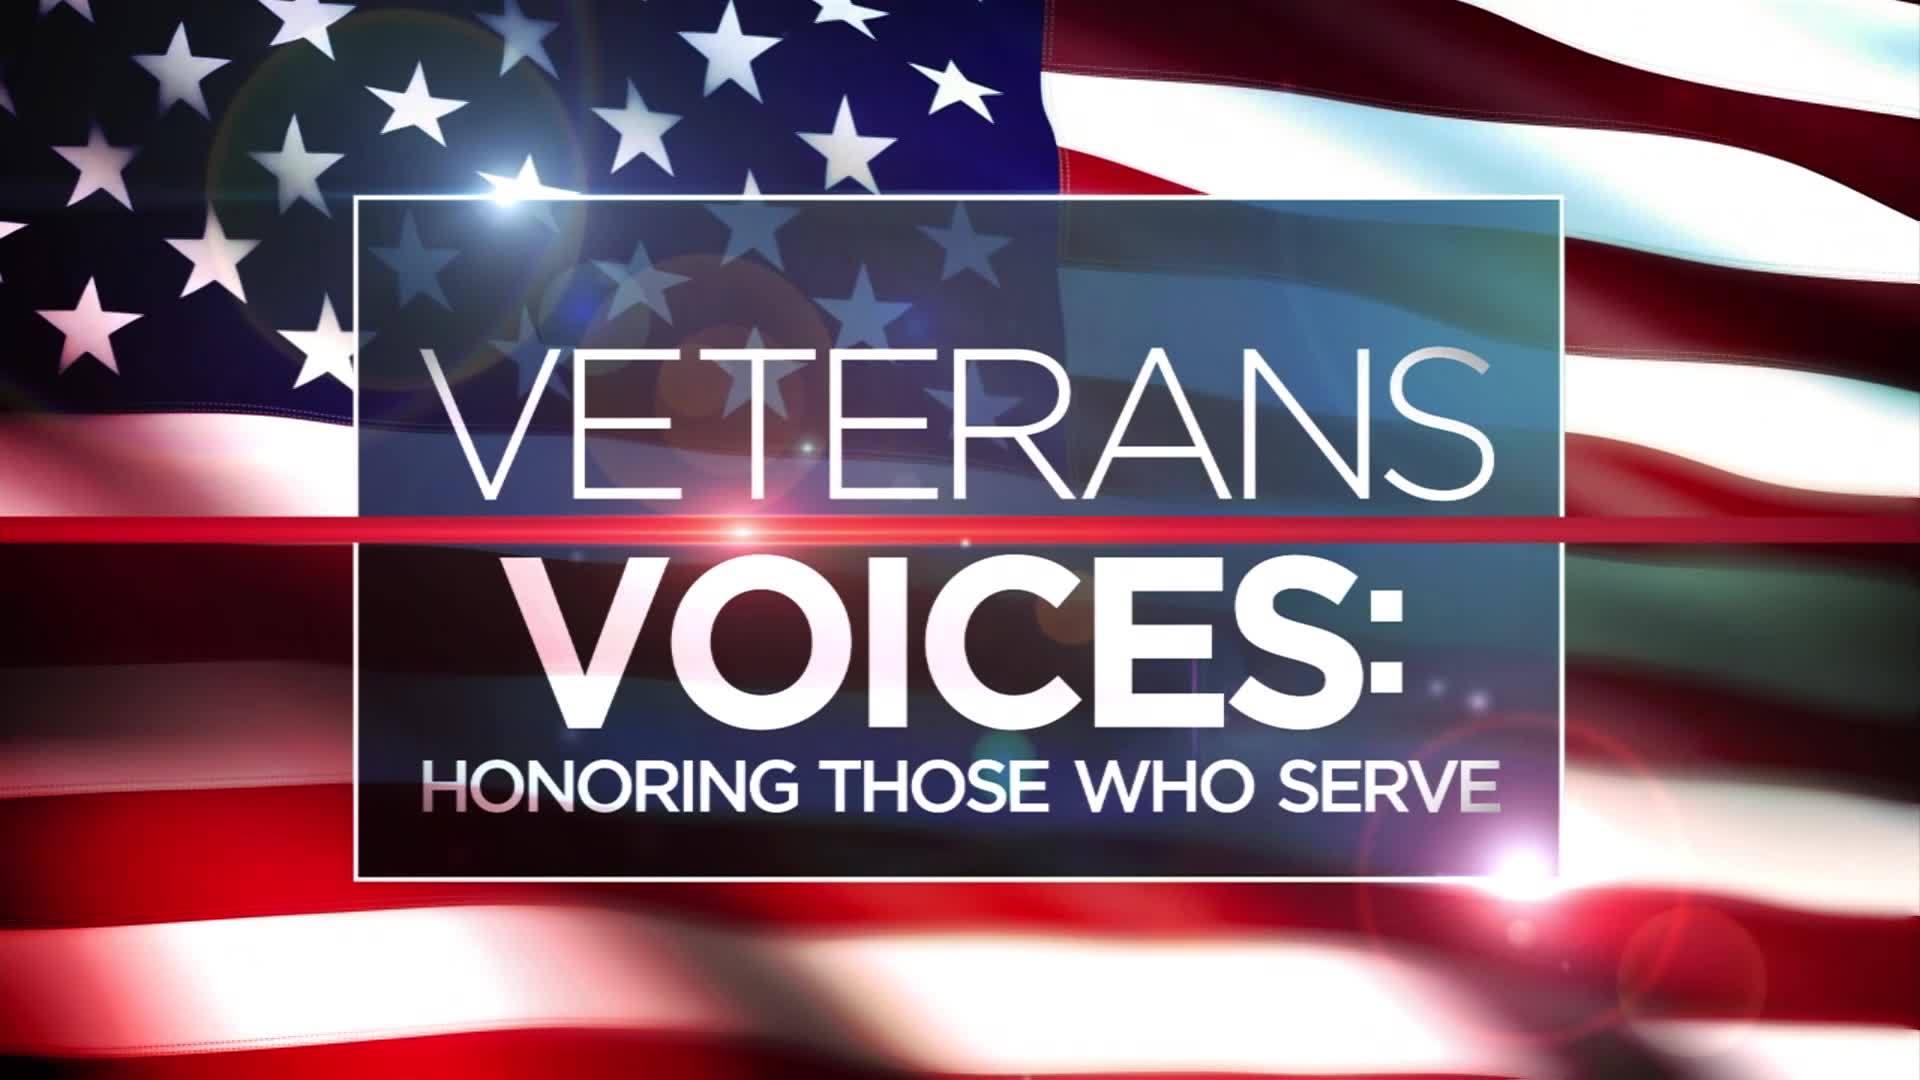 Veterans Voices: Honoring America's heroes